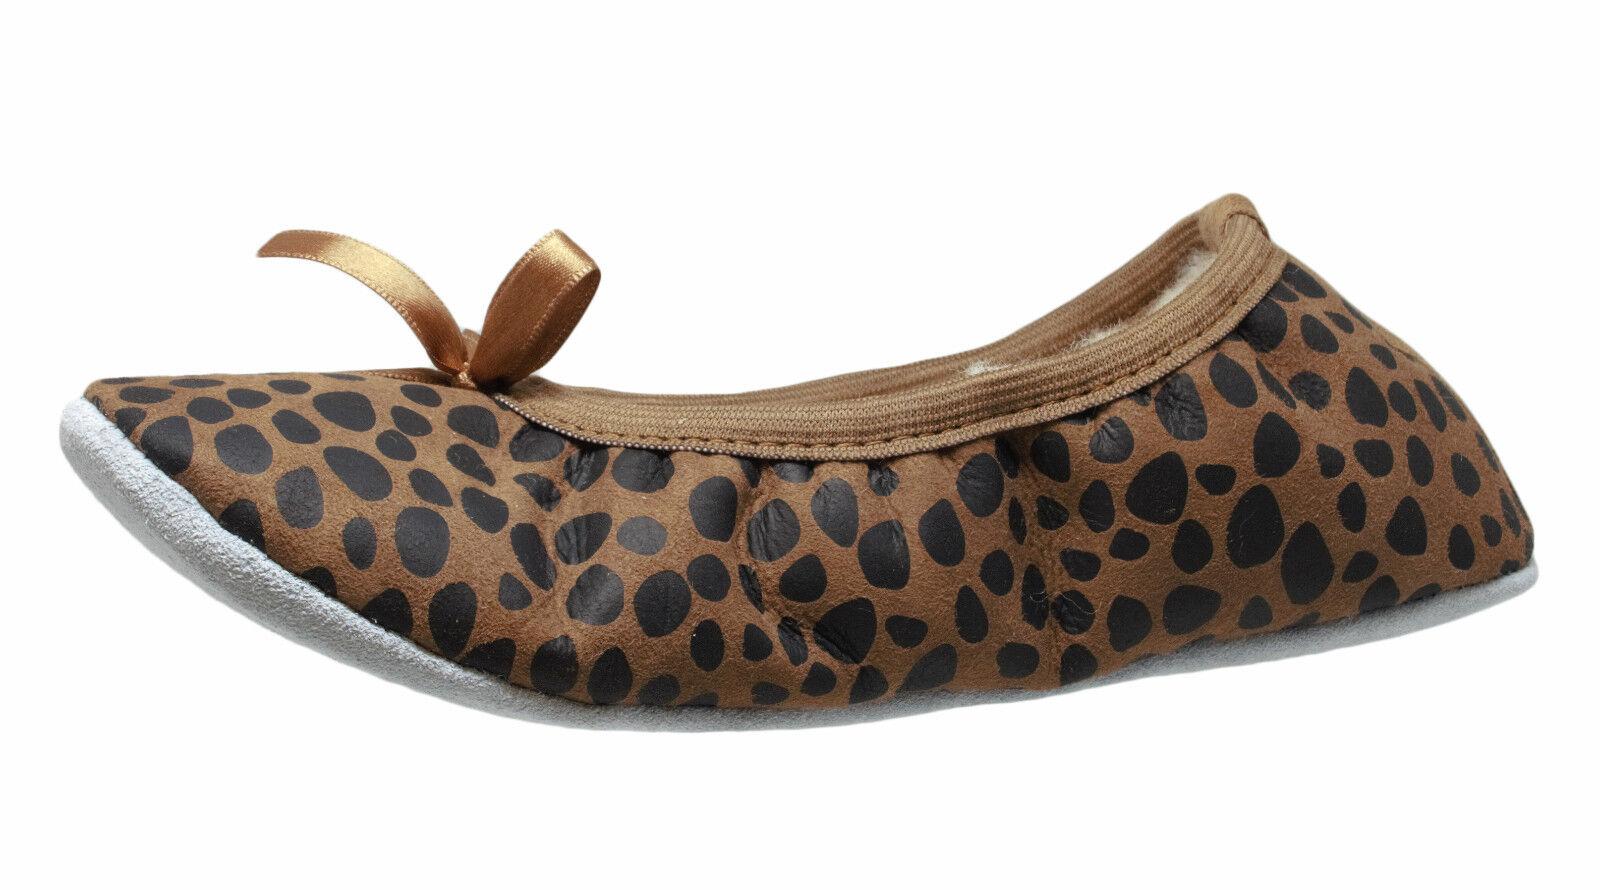 Shepherd 1208 Saga Hausschuhe Ballerinas Slipper Lammfell leopard 36 - 41 Neu